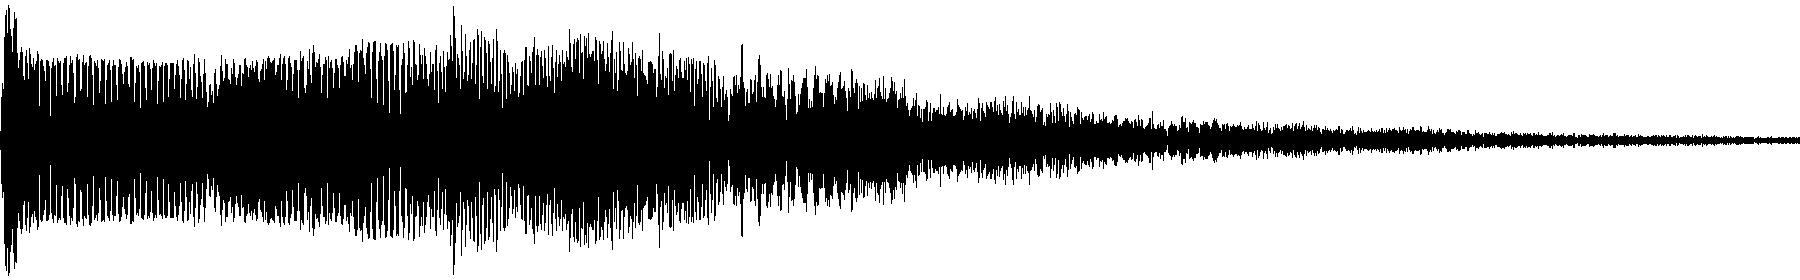 shg synth loop 03